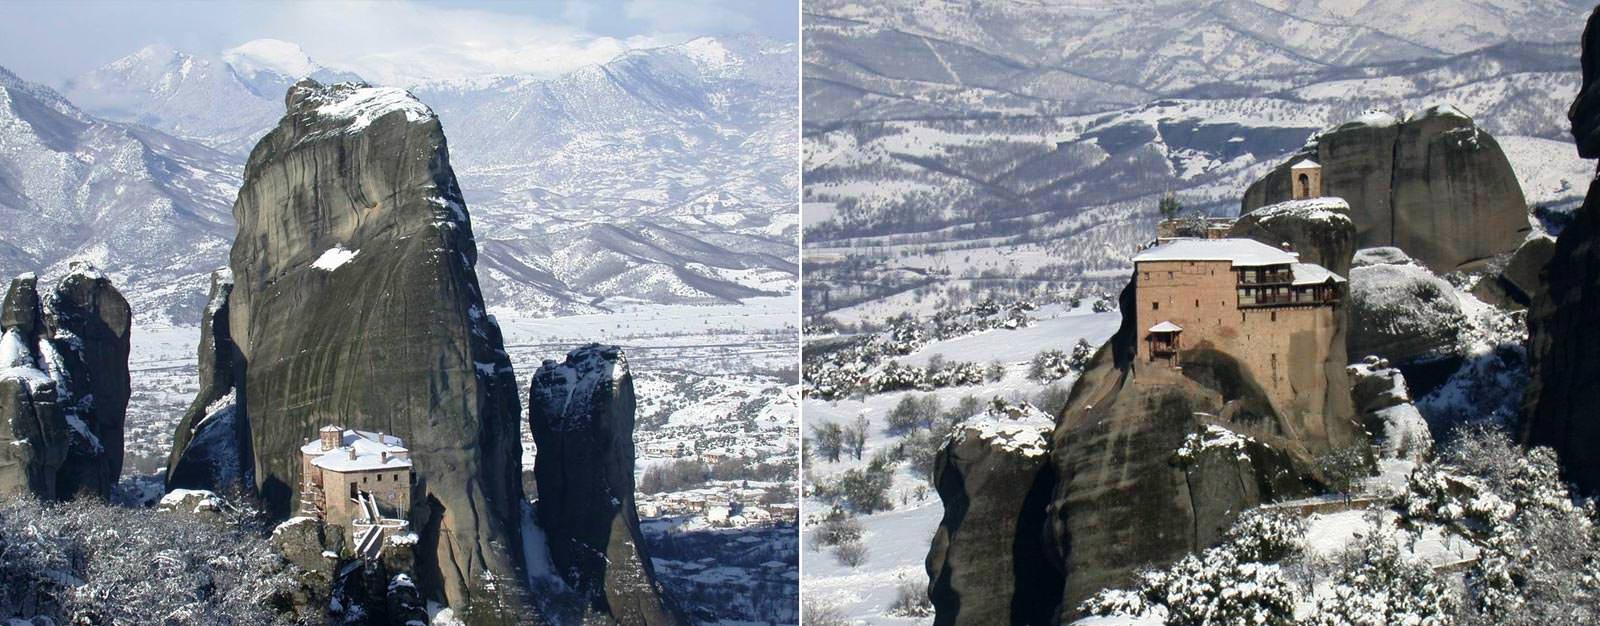 מנזרי מטאורה בשלג